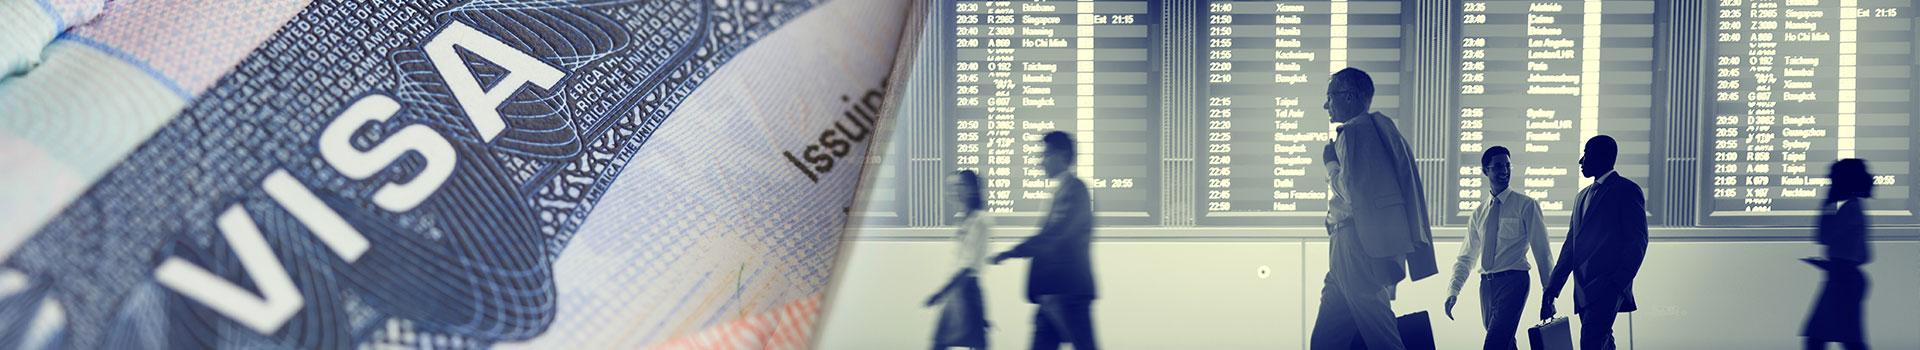 استخراج مختلف أنواع تأشيرات الفيزا